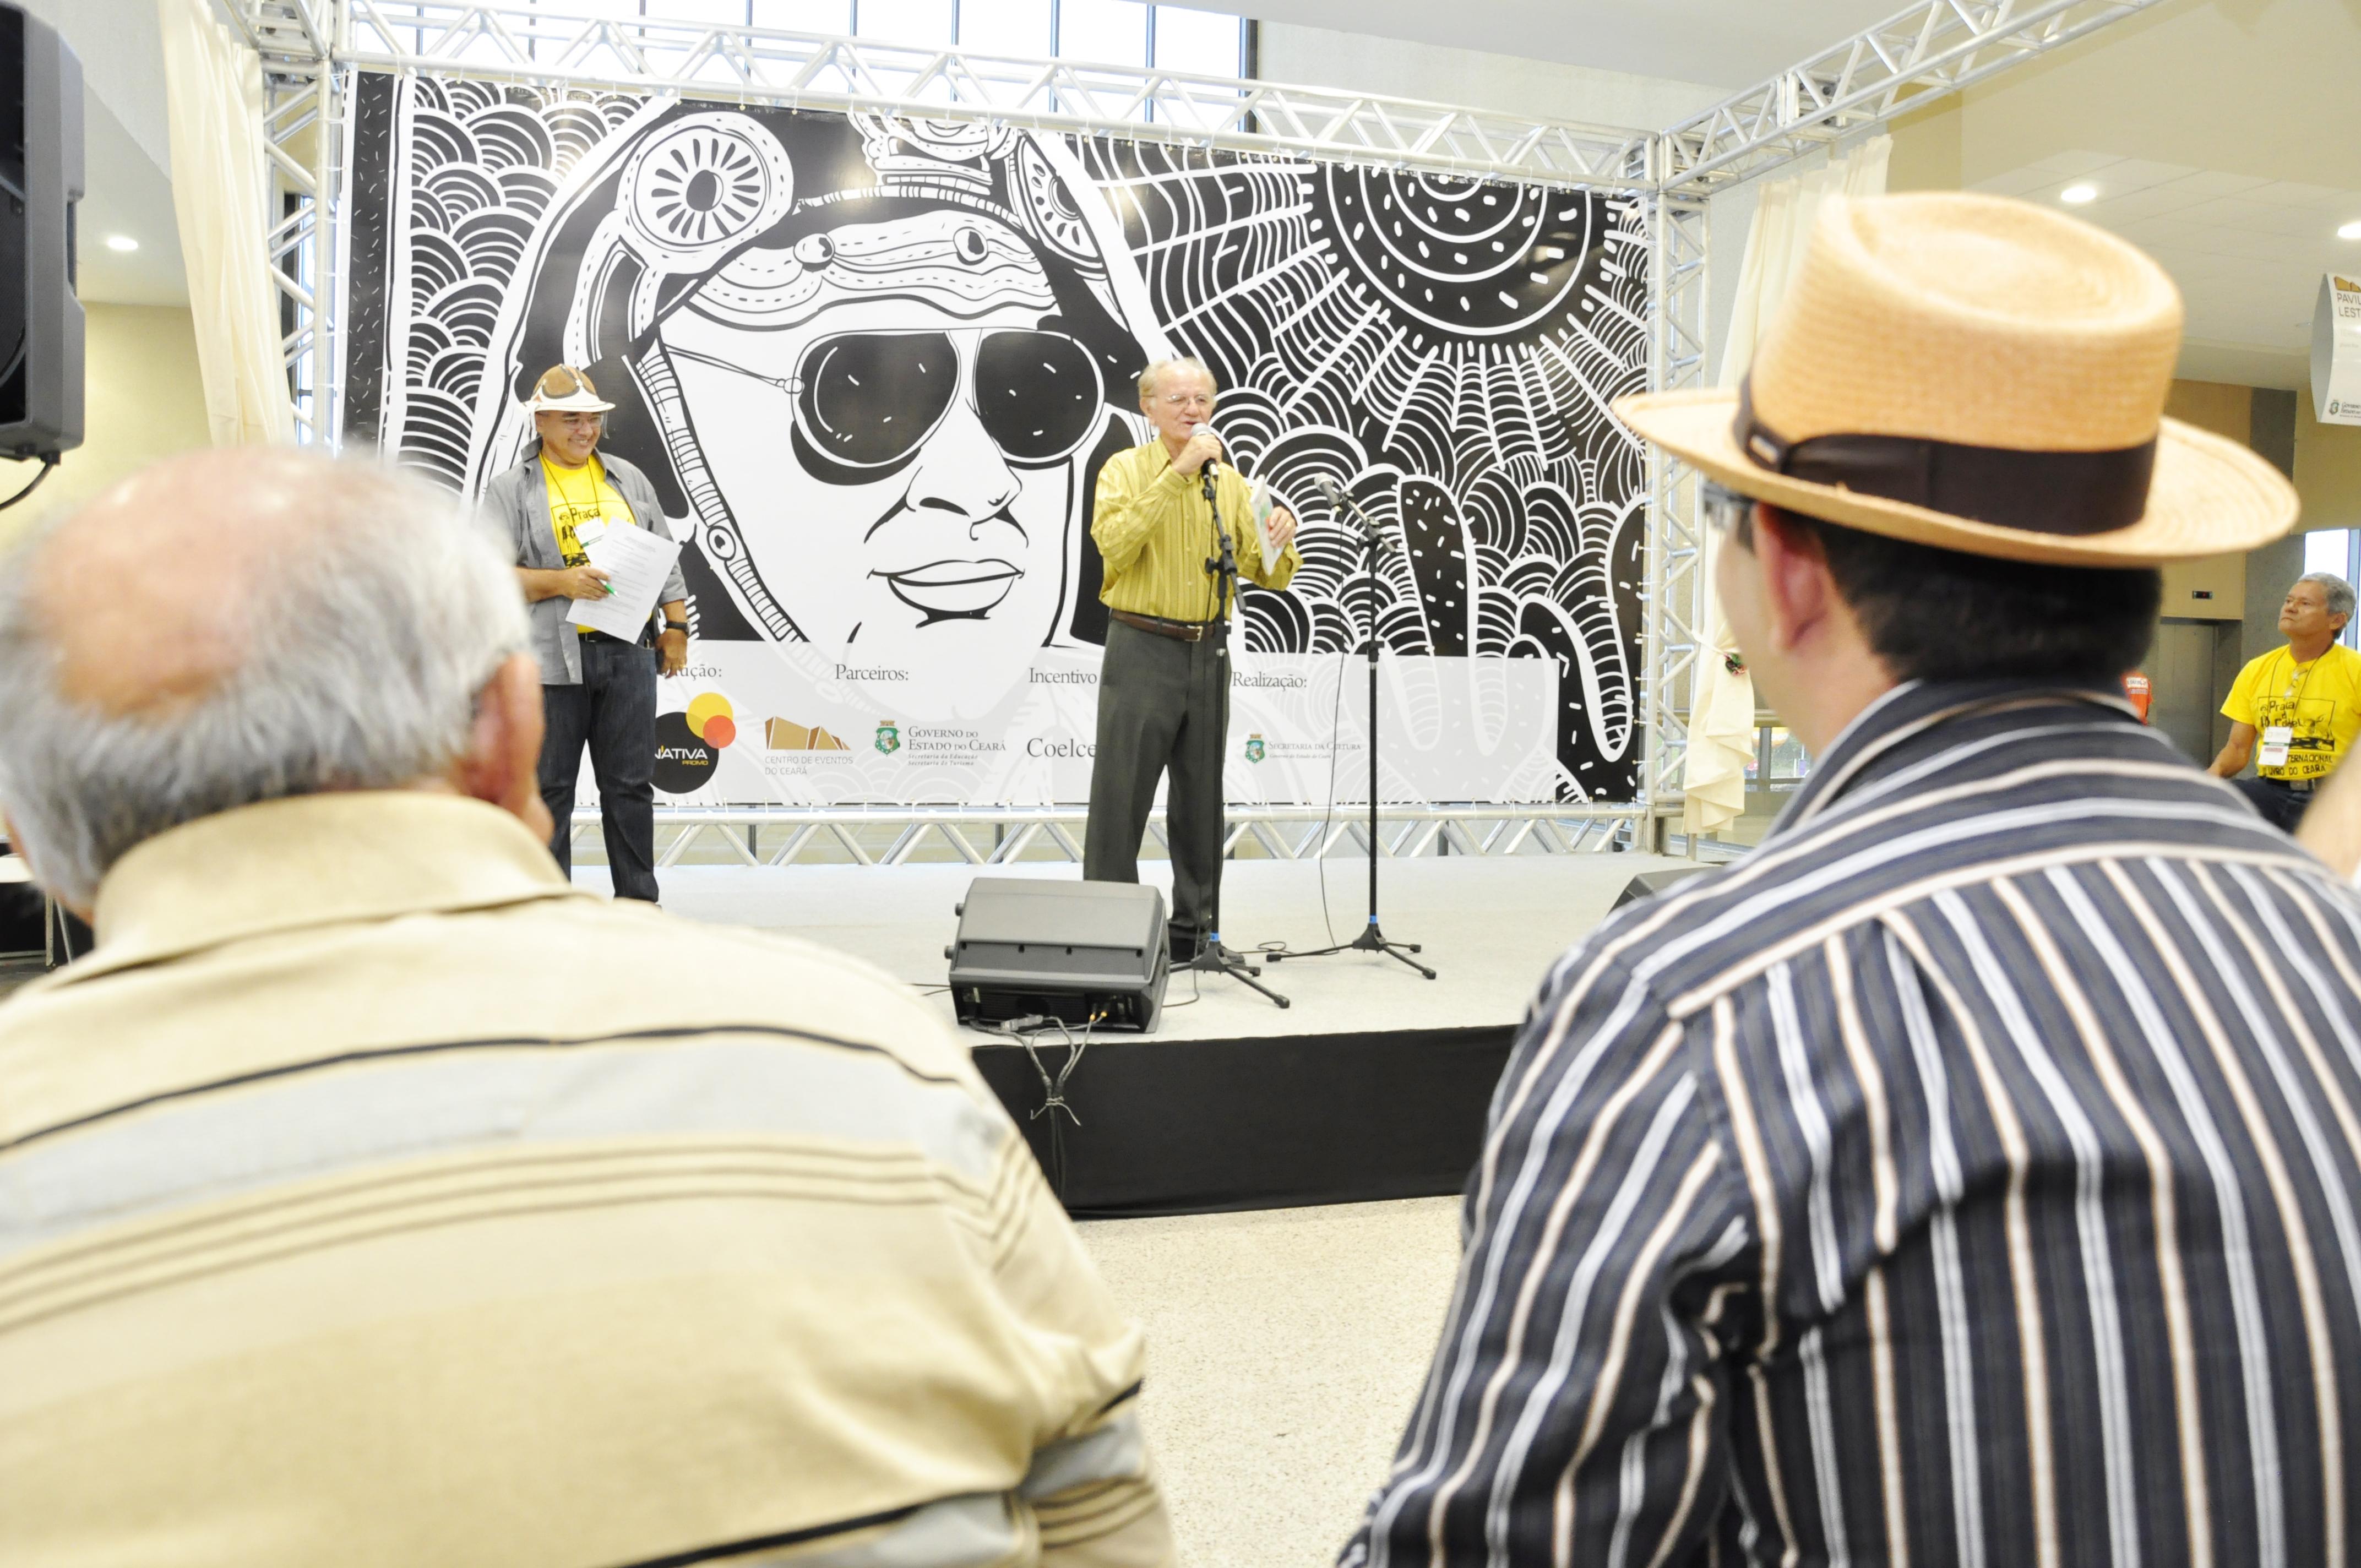 Espaço Cordel na Bienal do Livro no Ceará